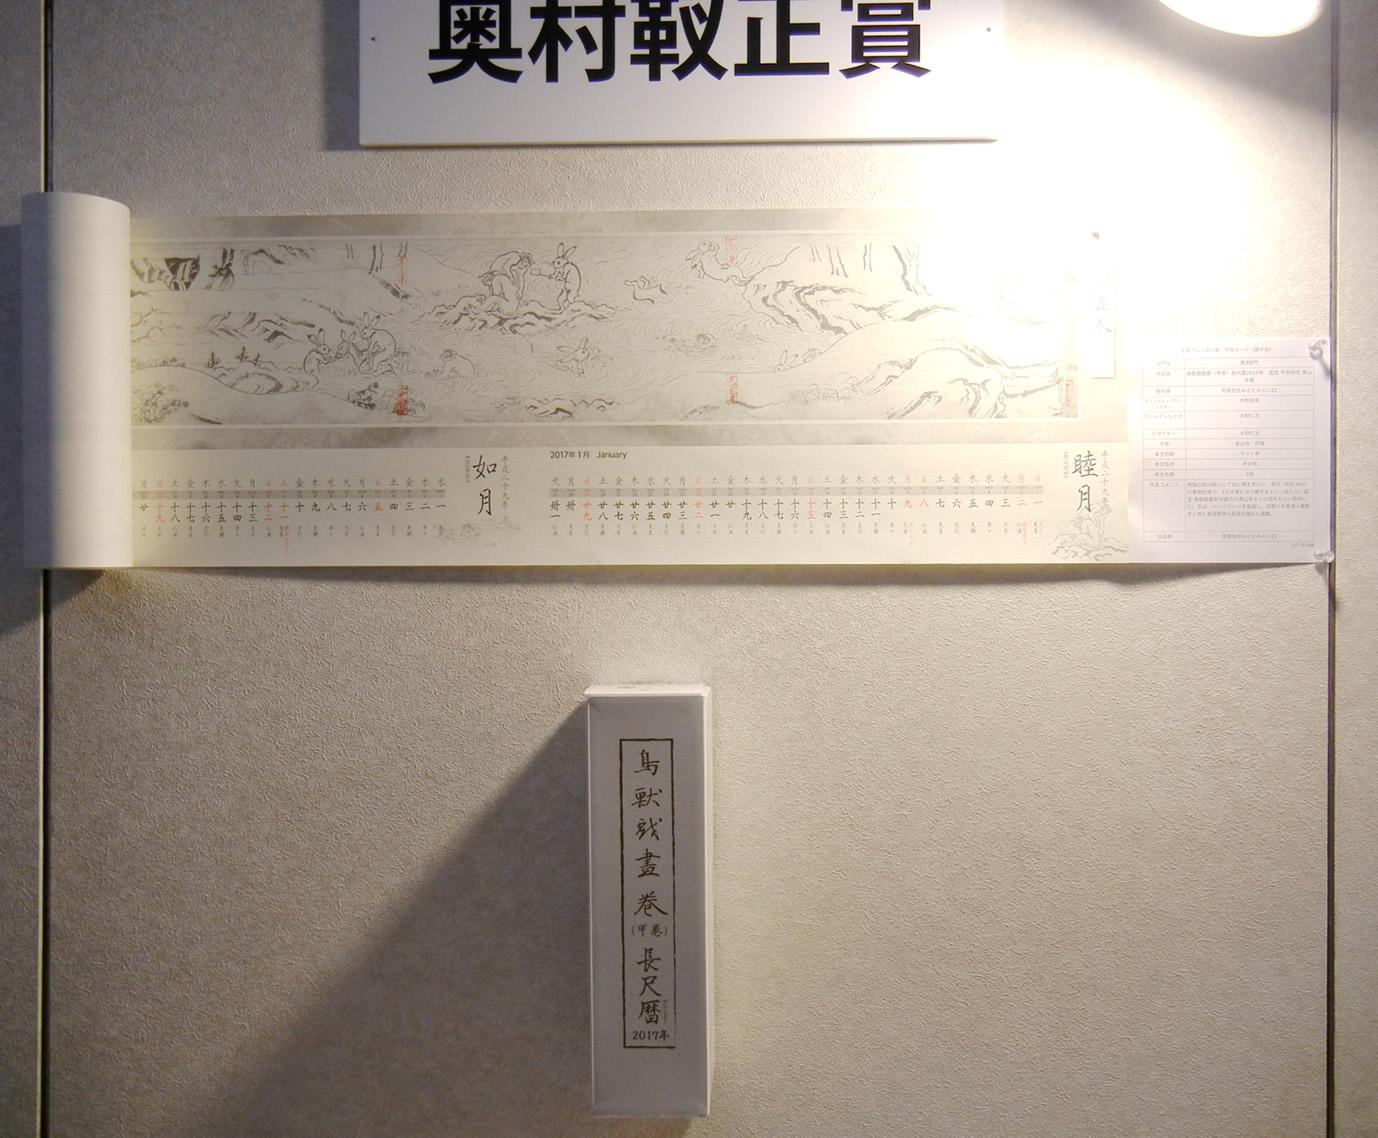 みさとみらい21が作成した「鳥獣戯画巻(甲巻)長尺暦2017年 国宝 平安時代 高山寺蔵」